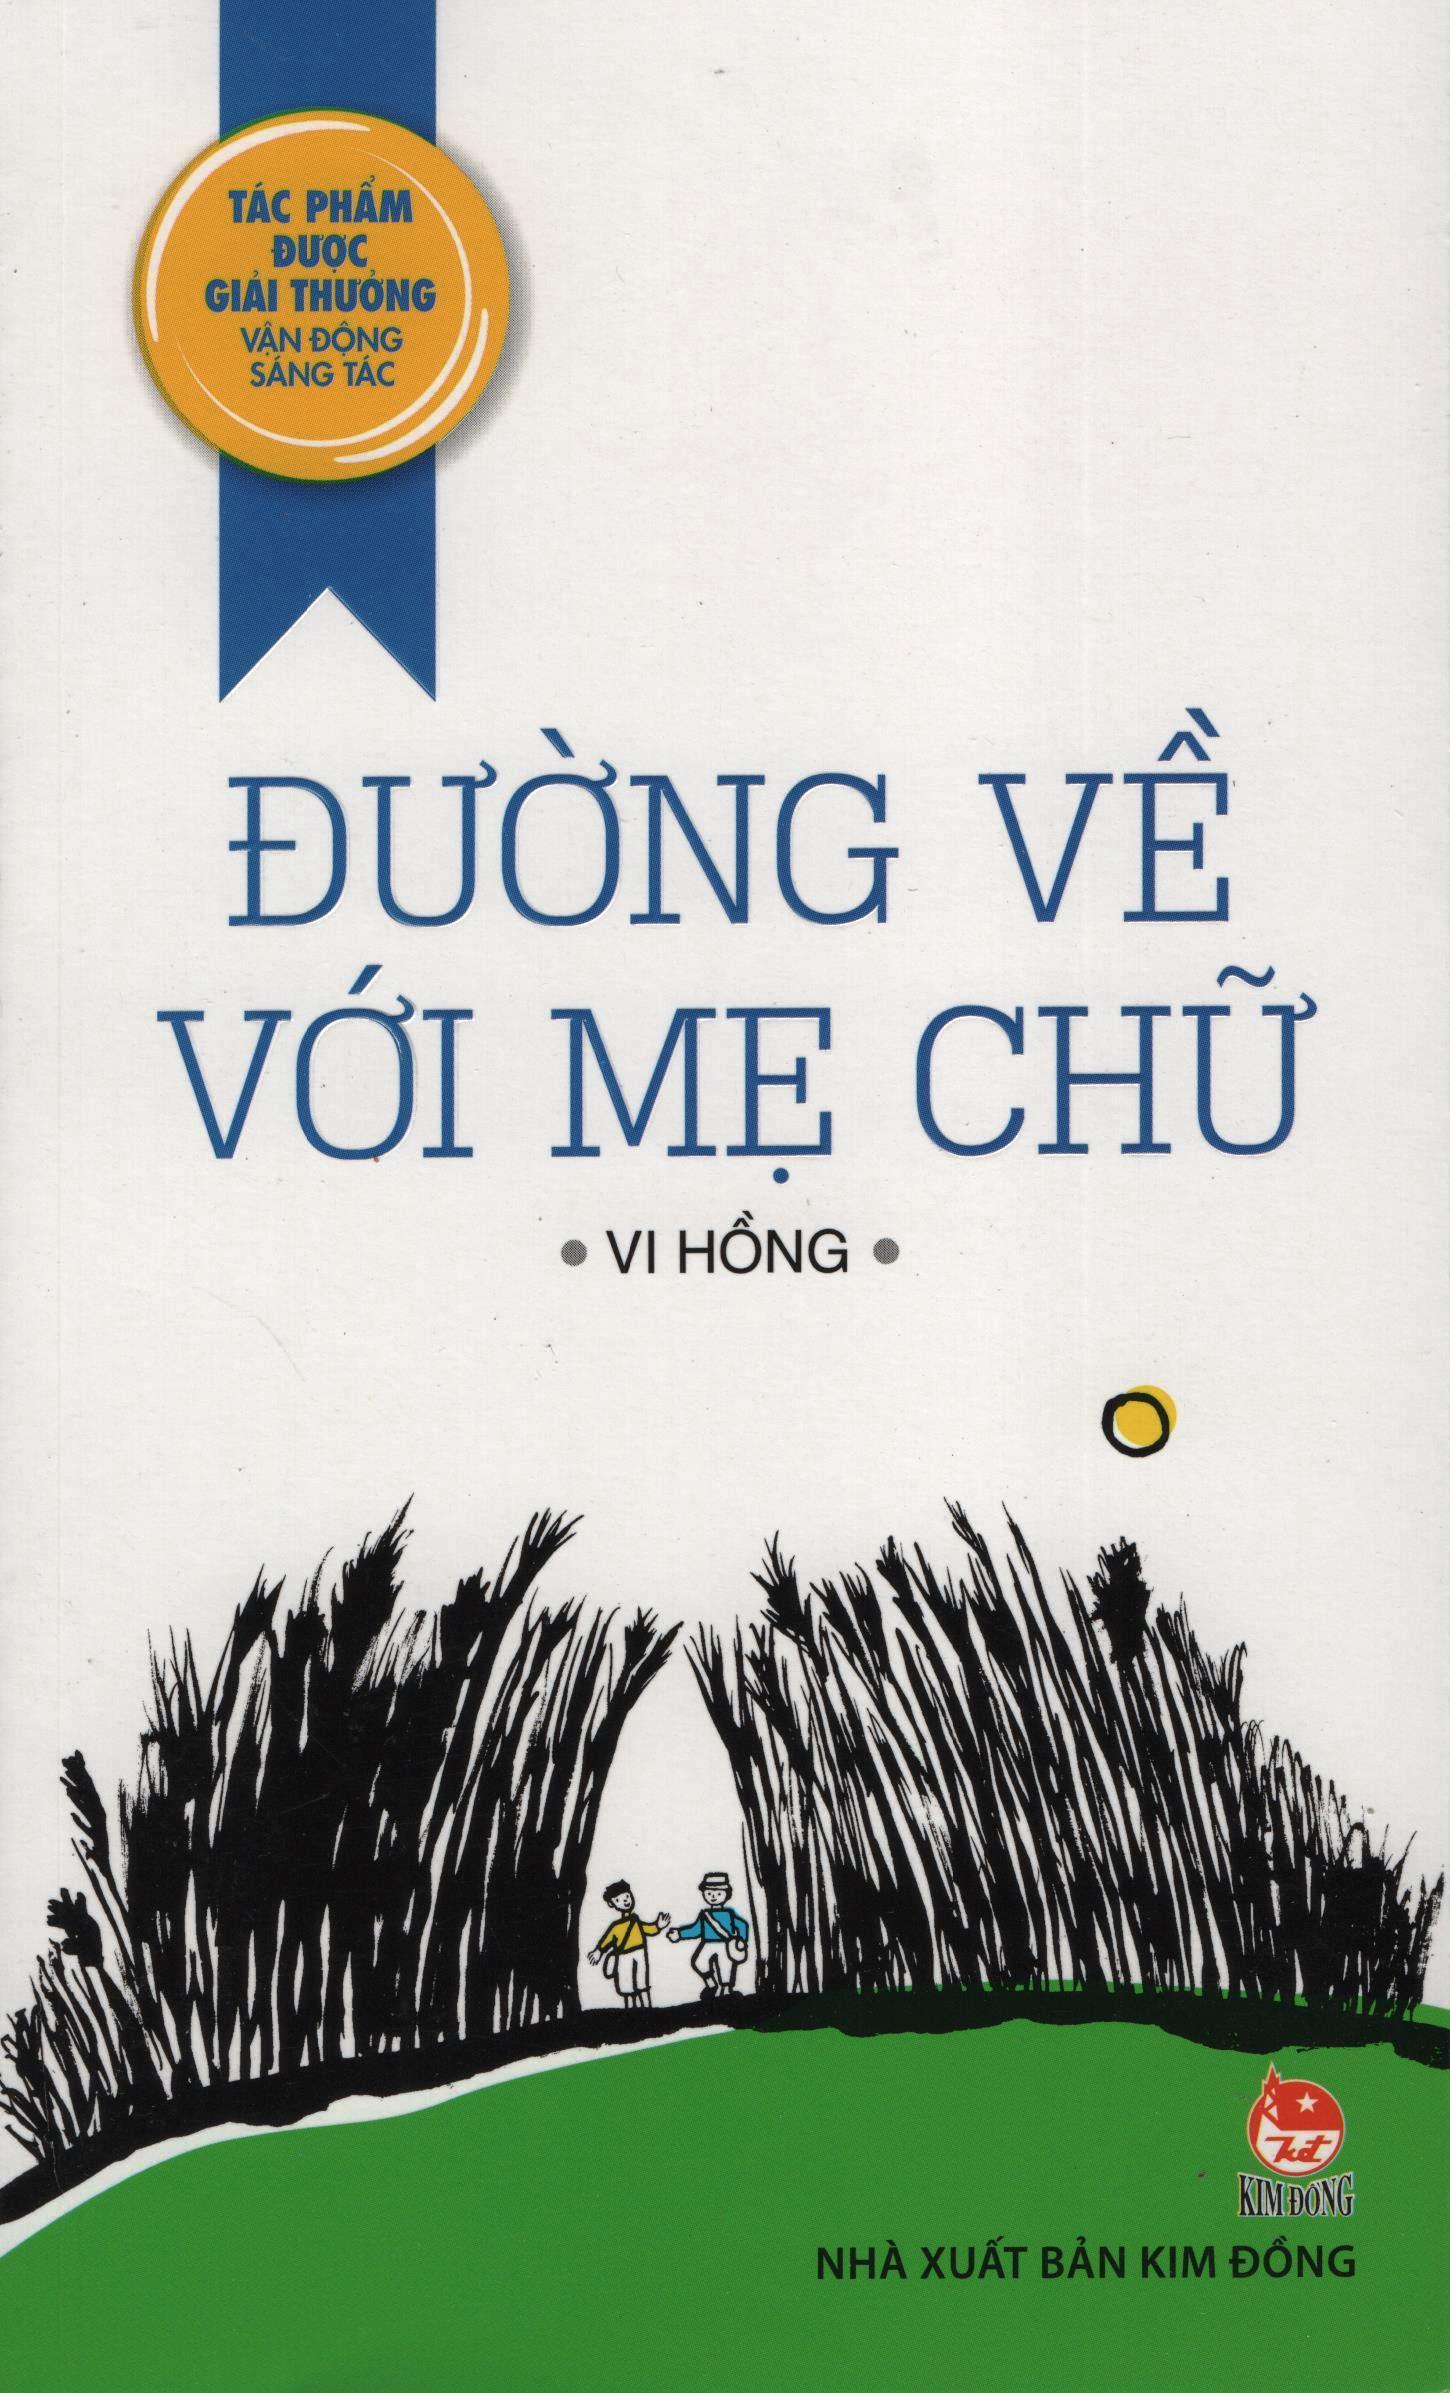 Bìa sách Đường Về Với Mẹ Chữ